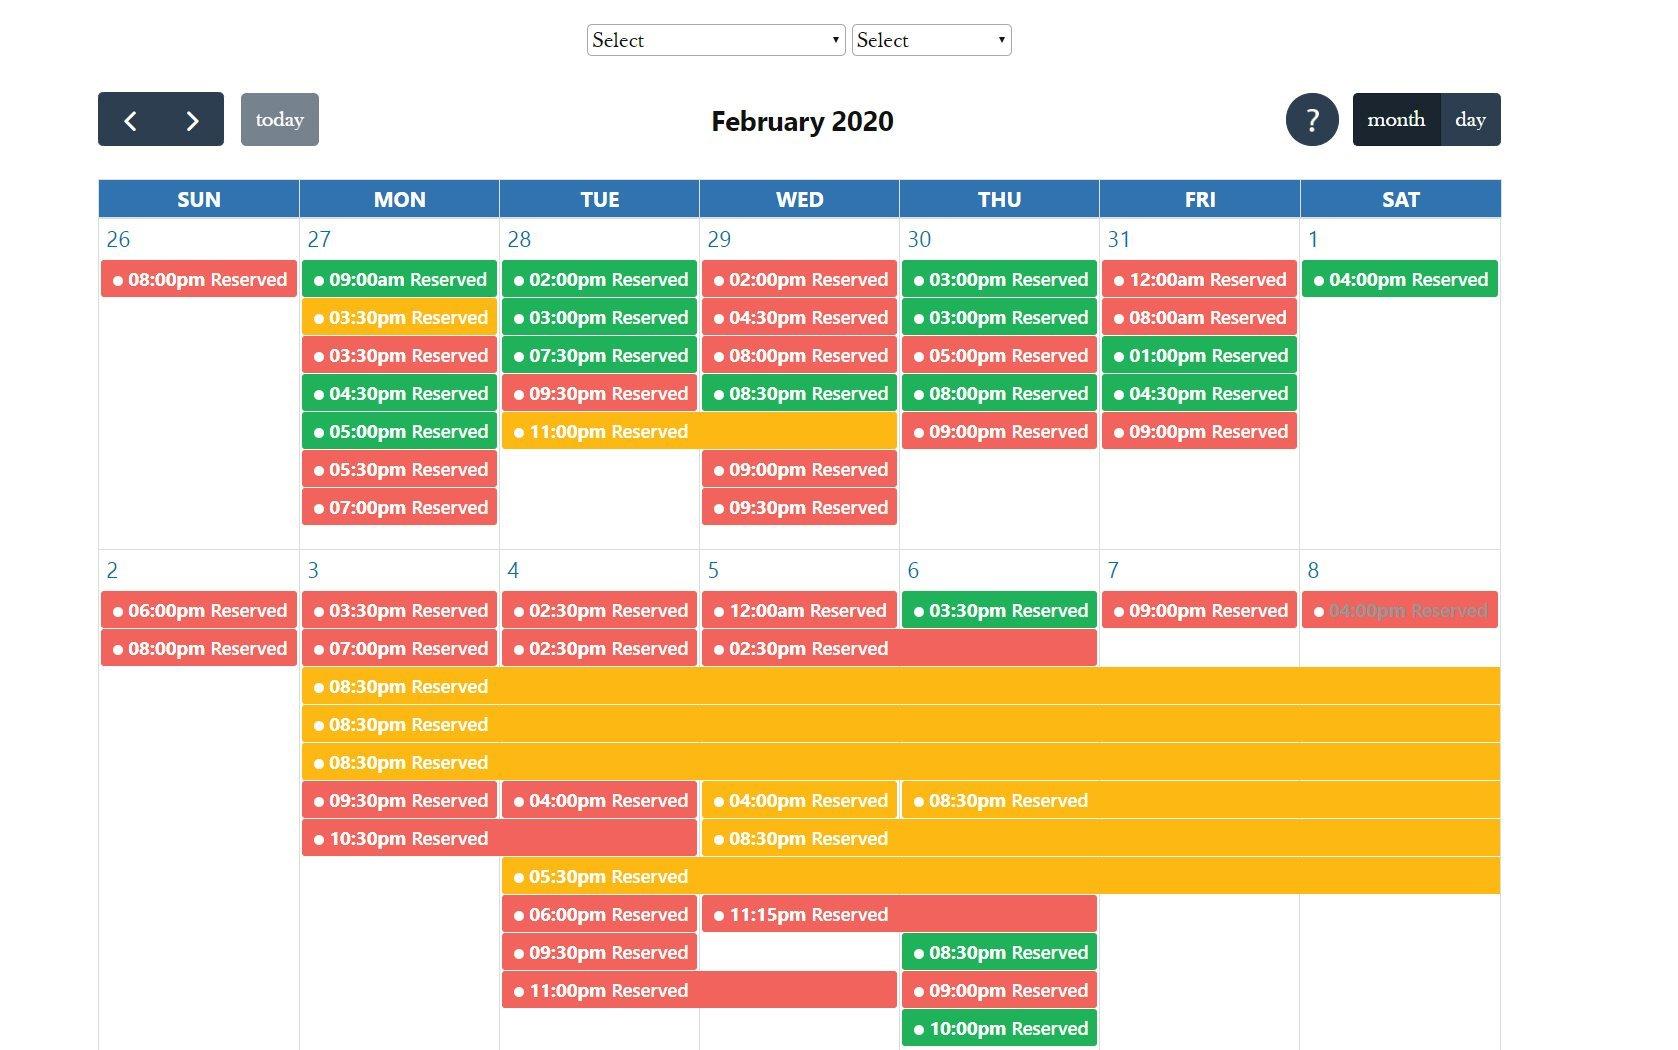 KDL WordPress calendar